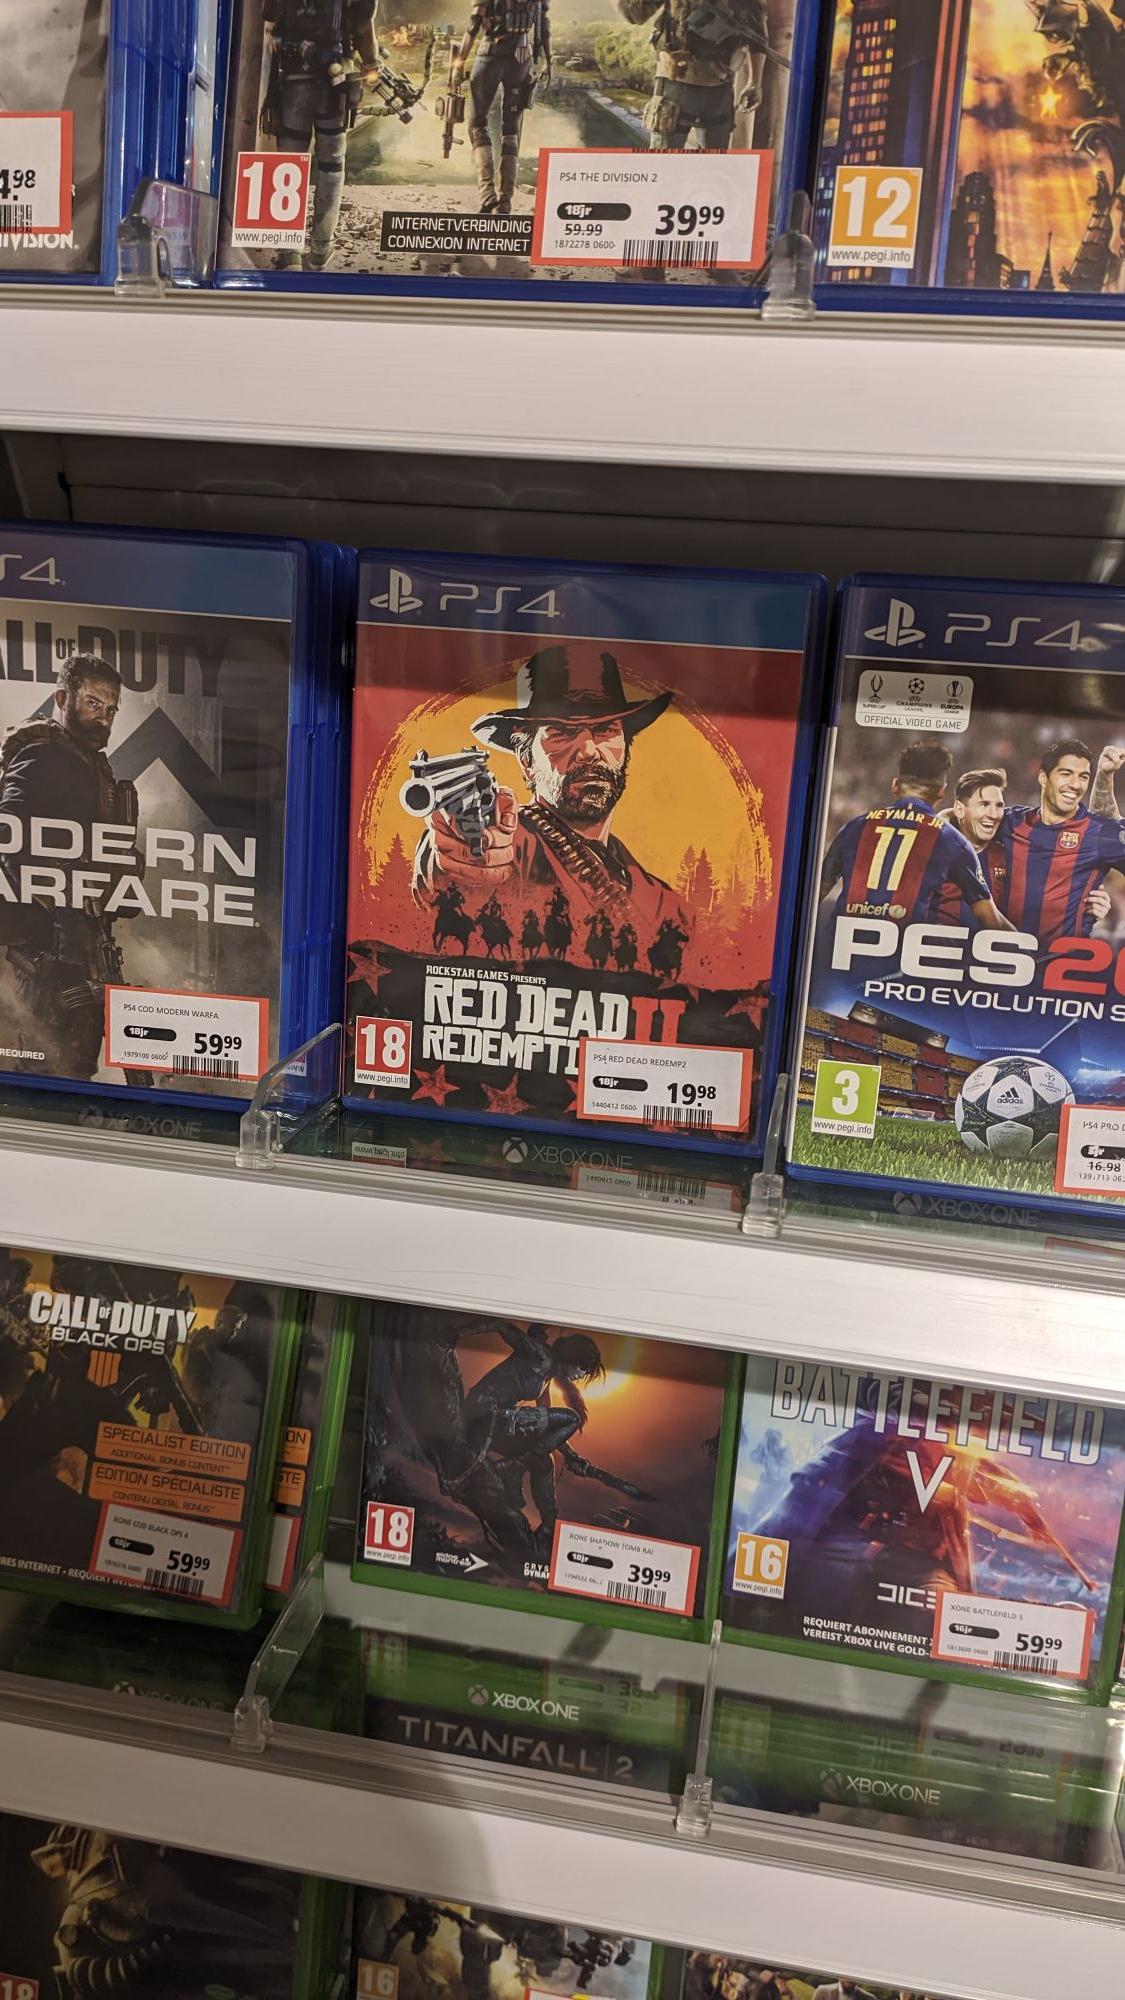 Red Dead Redemption 2 voor ps4 aan €16,51 tijdens btwvrije koopavond Intertoys